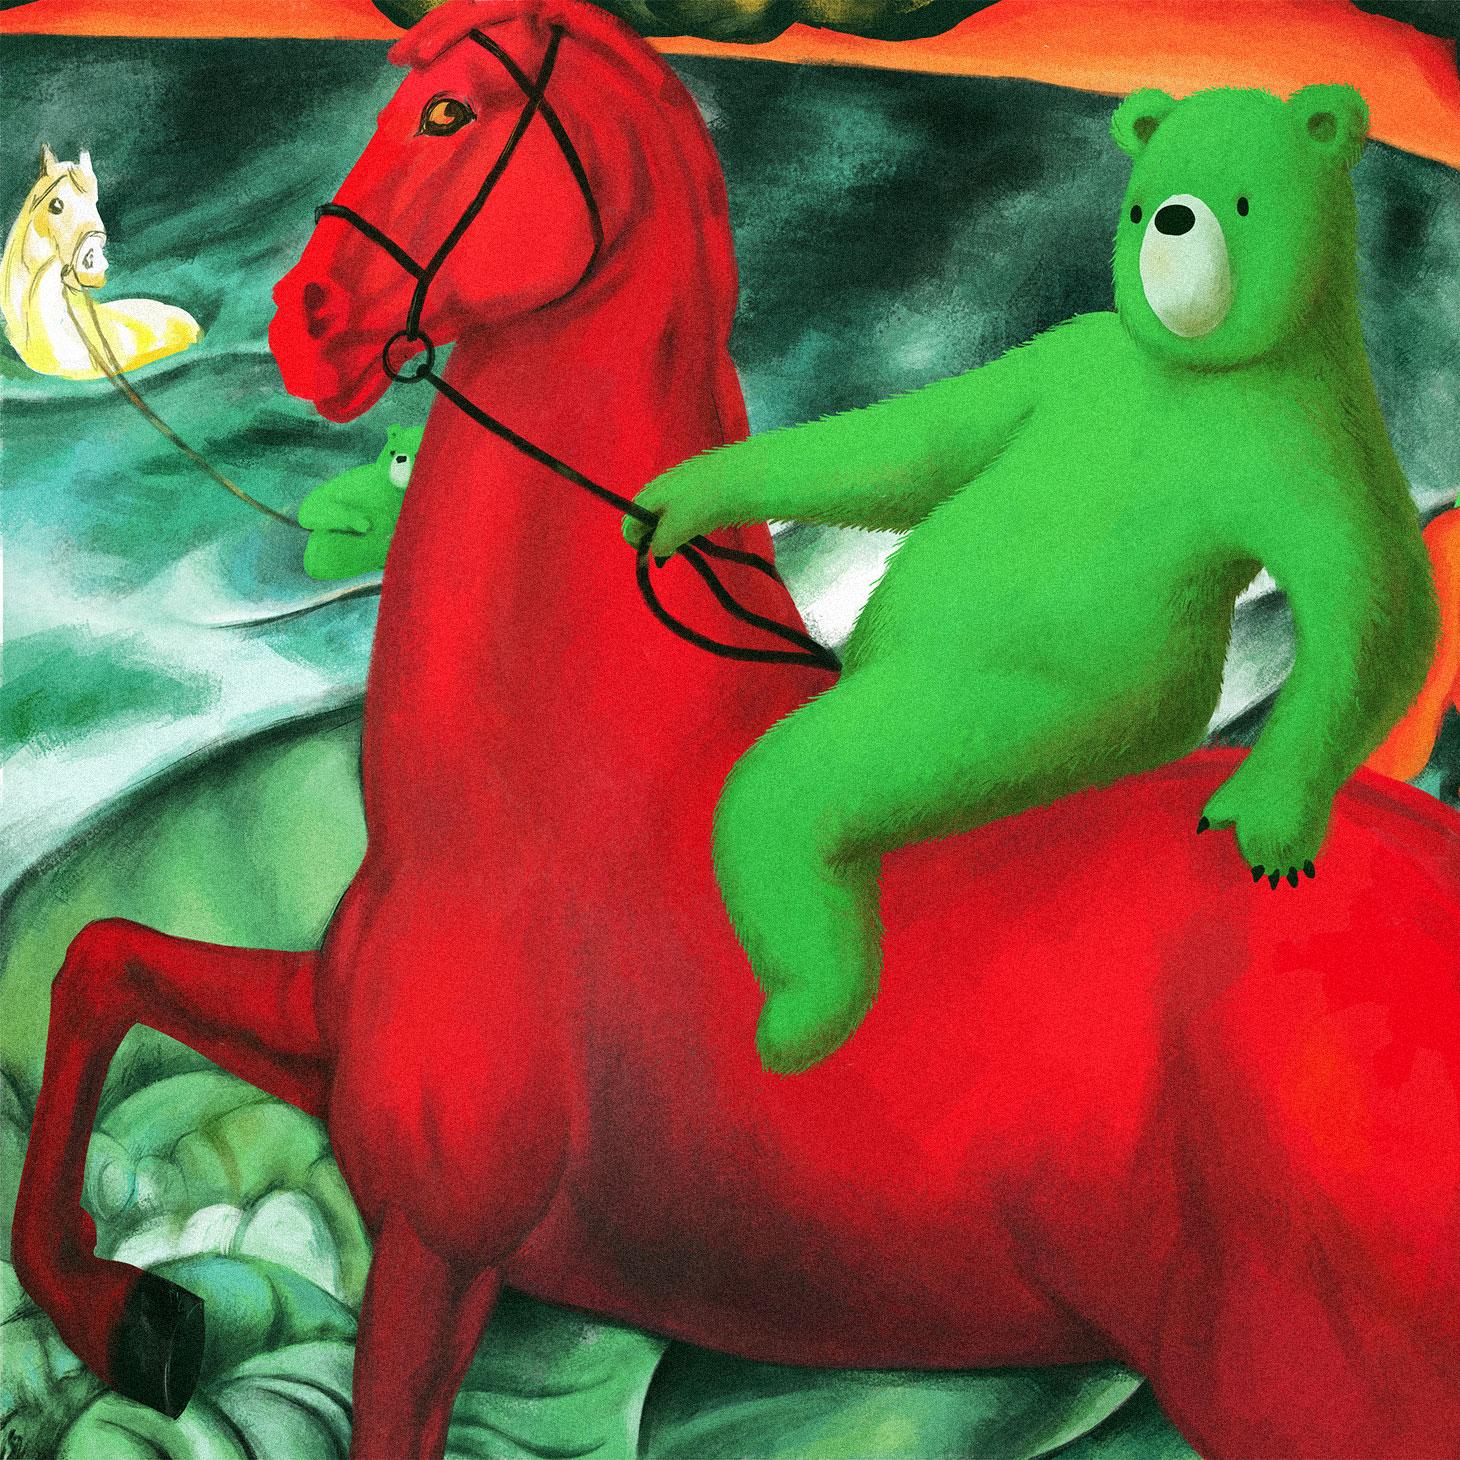 Kuzma Petrov-Vodkin. Bathing of the Red Horse, em português O Banho do Cavalo Vermelho